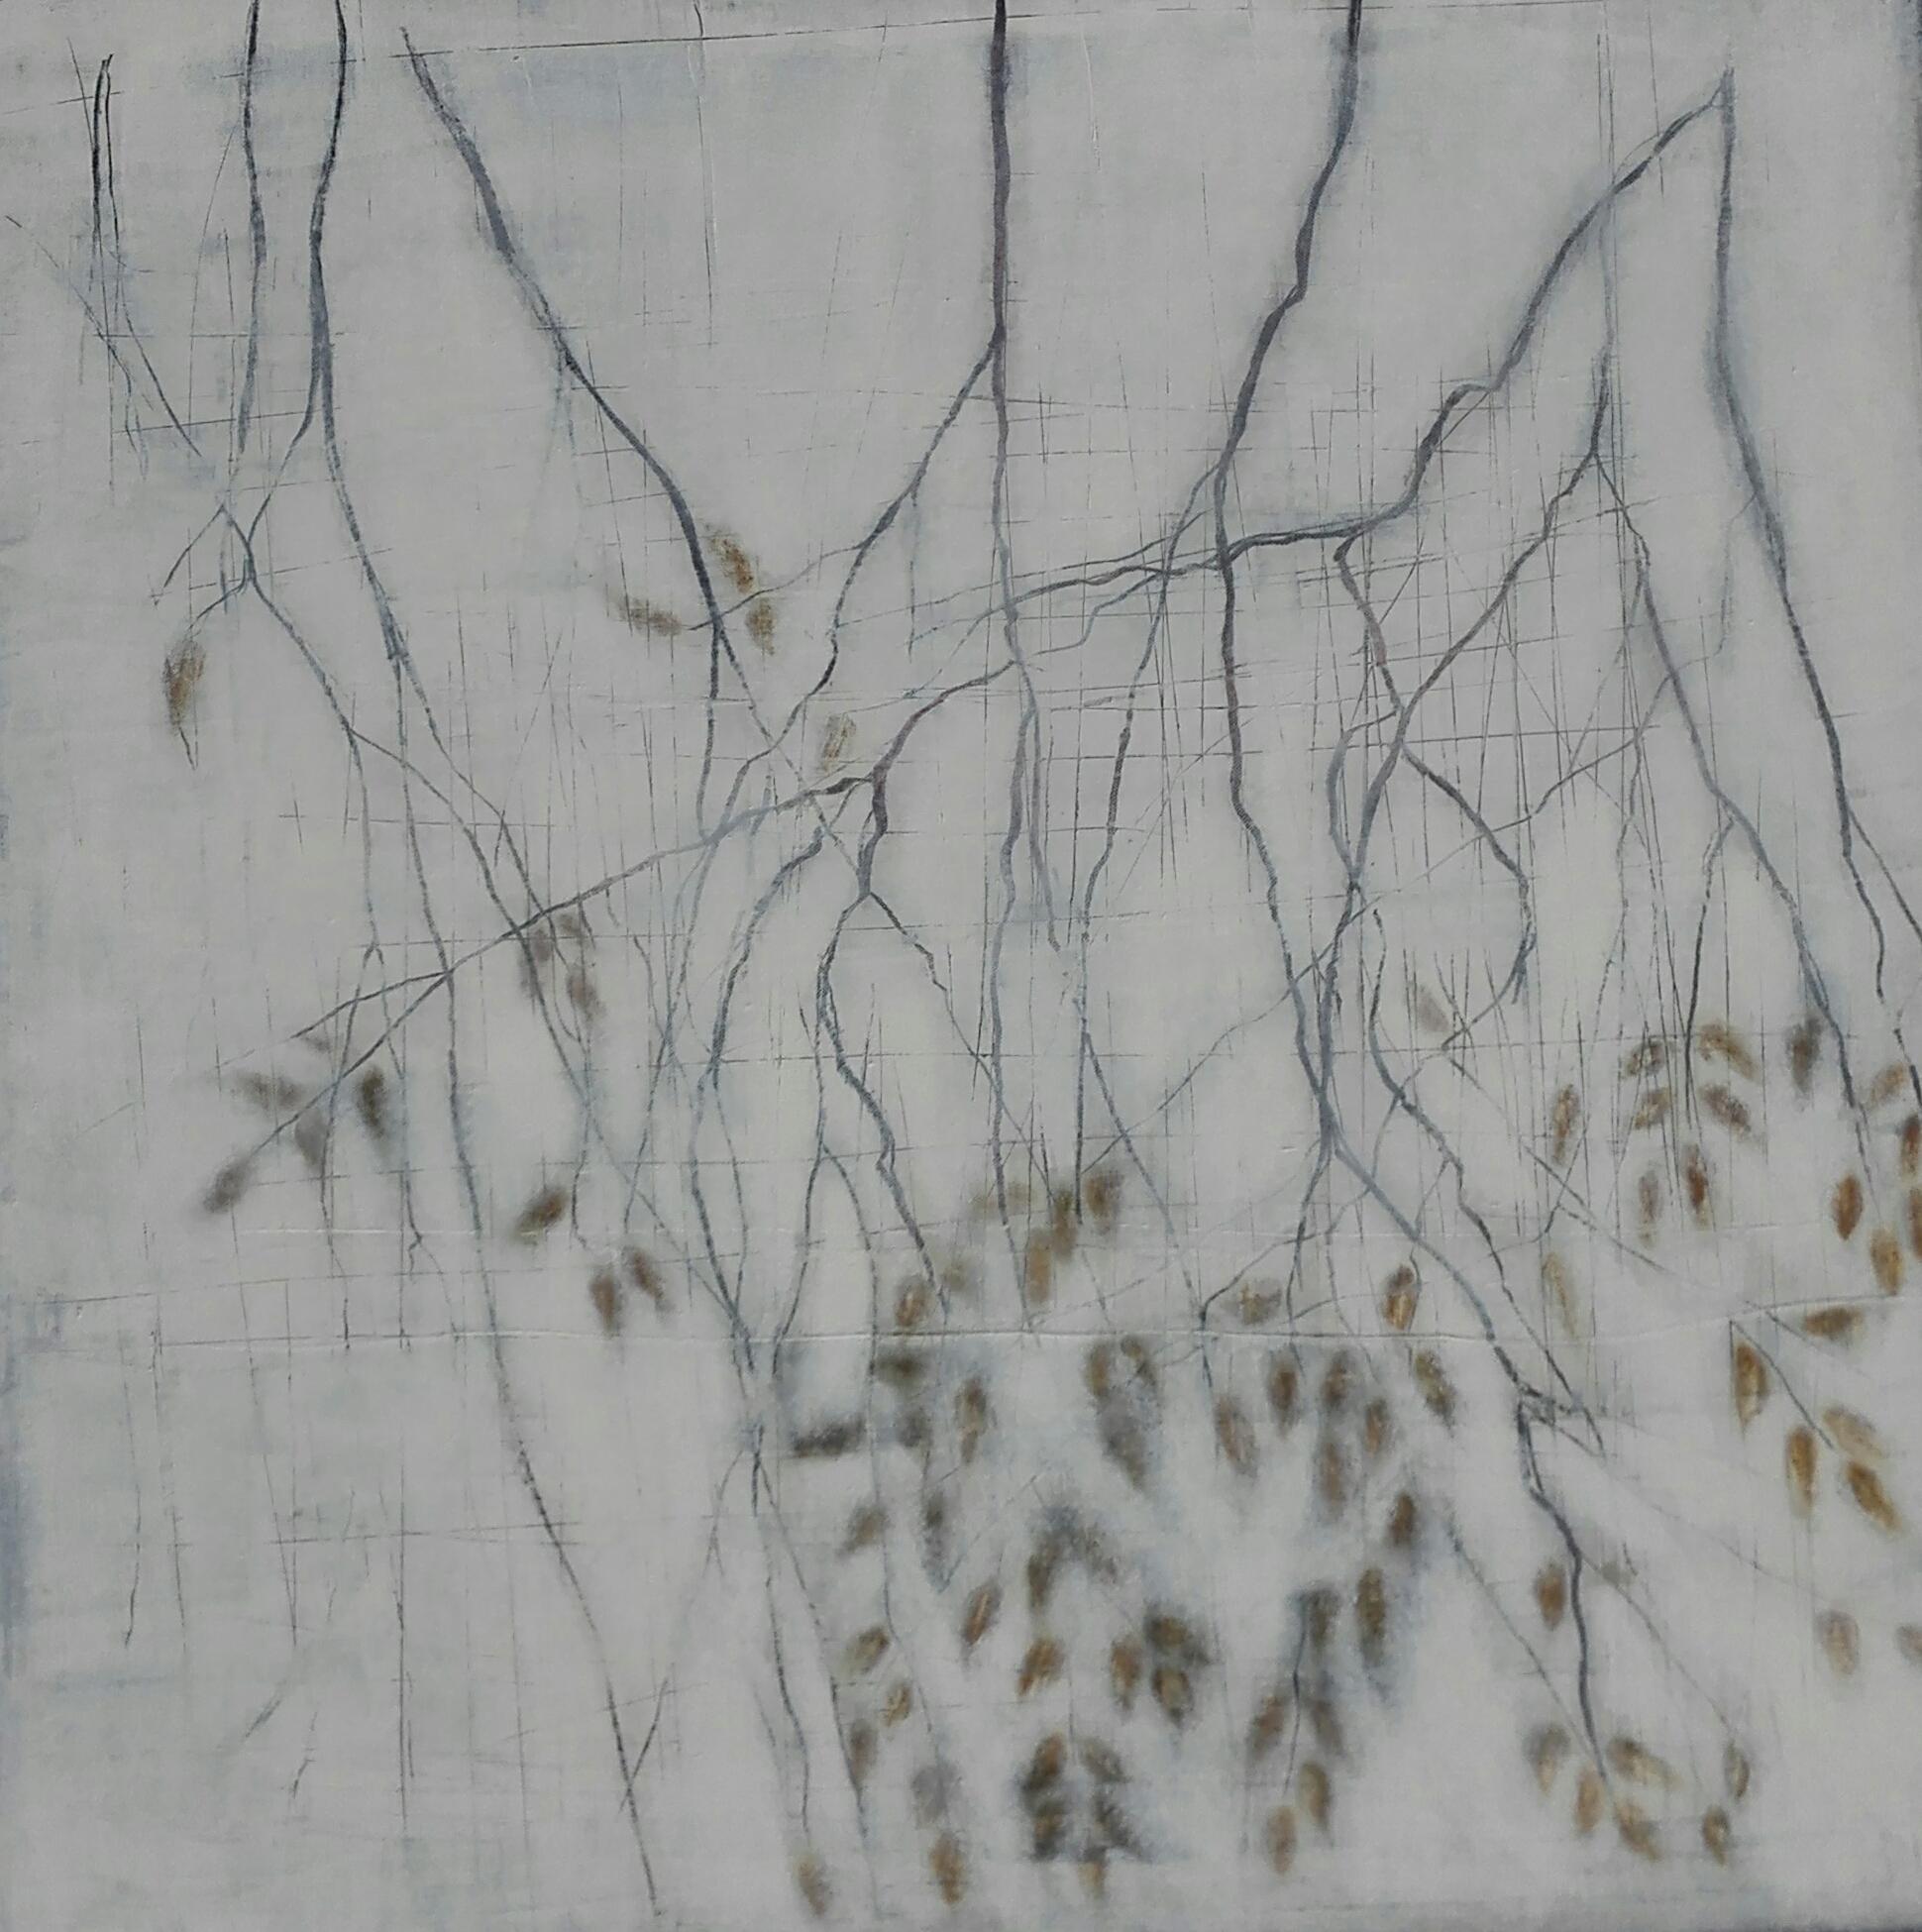 No. 91 - Mischtechnik Acryl auf Leinwand 80x80 cm (2017)